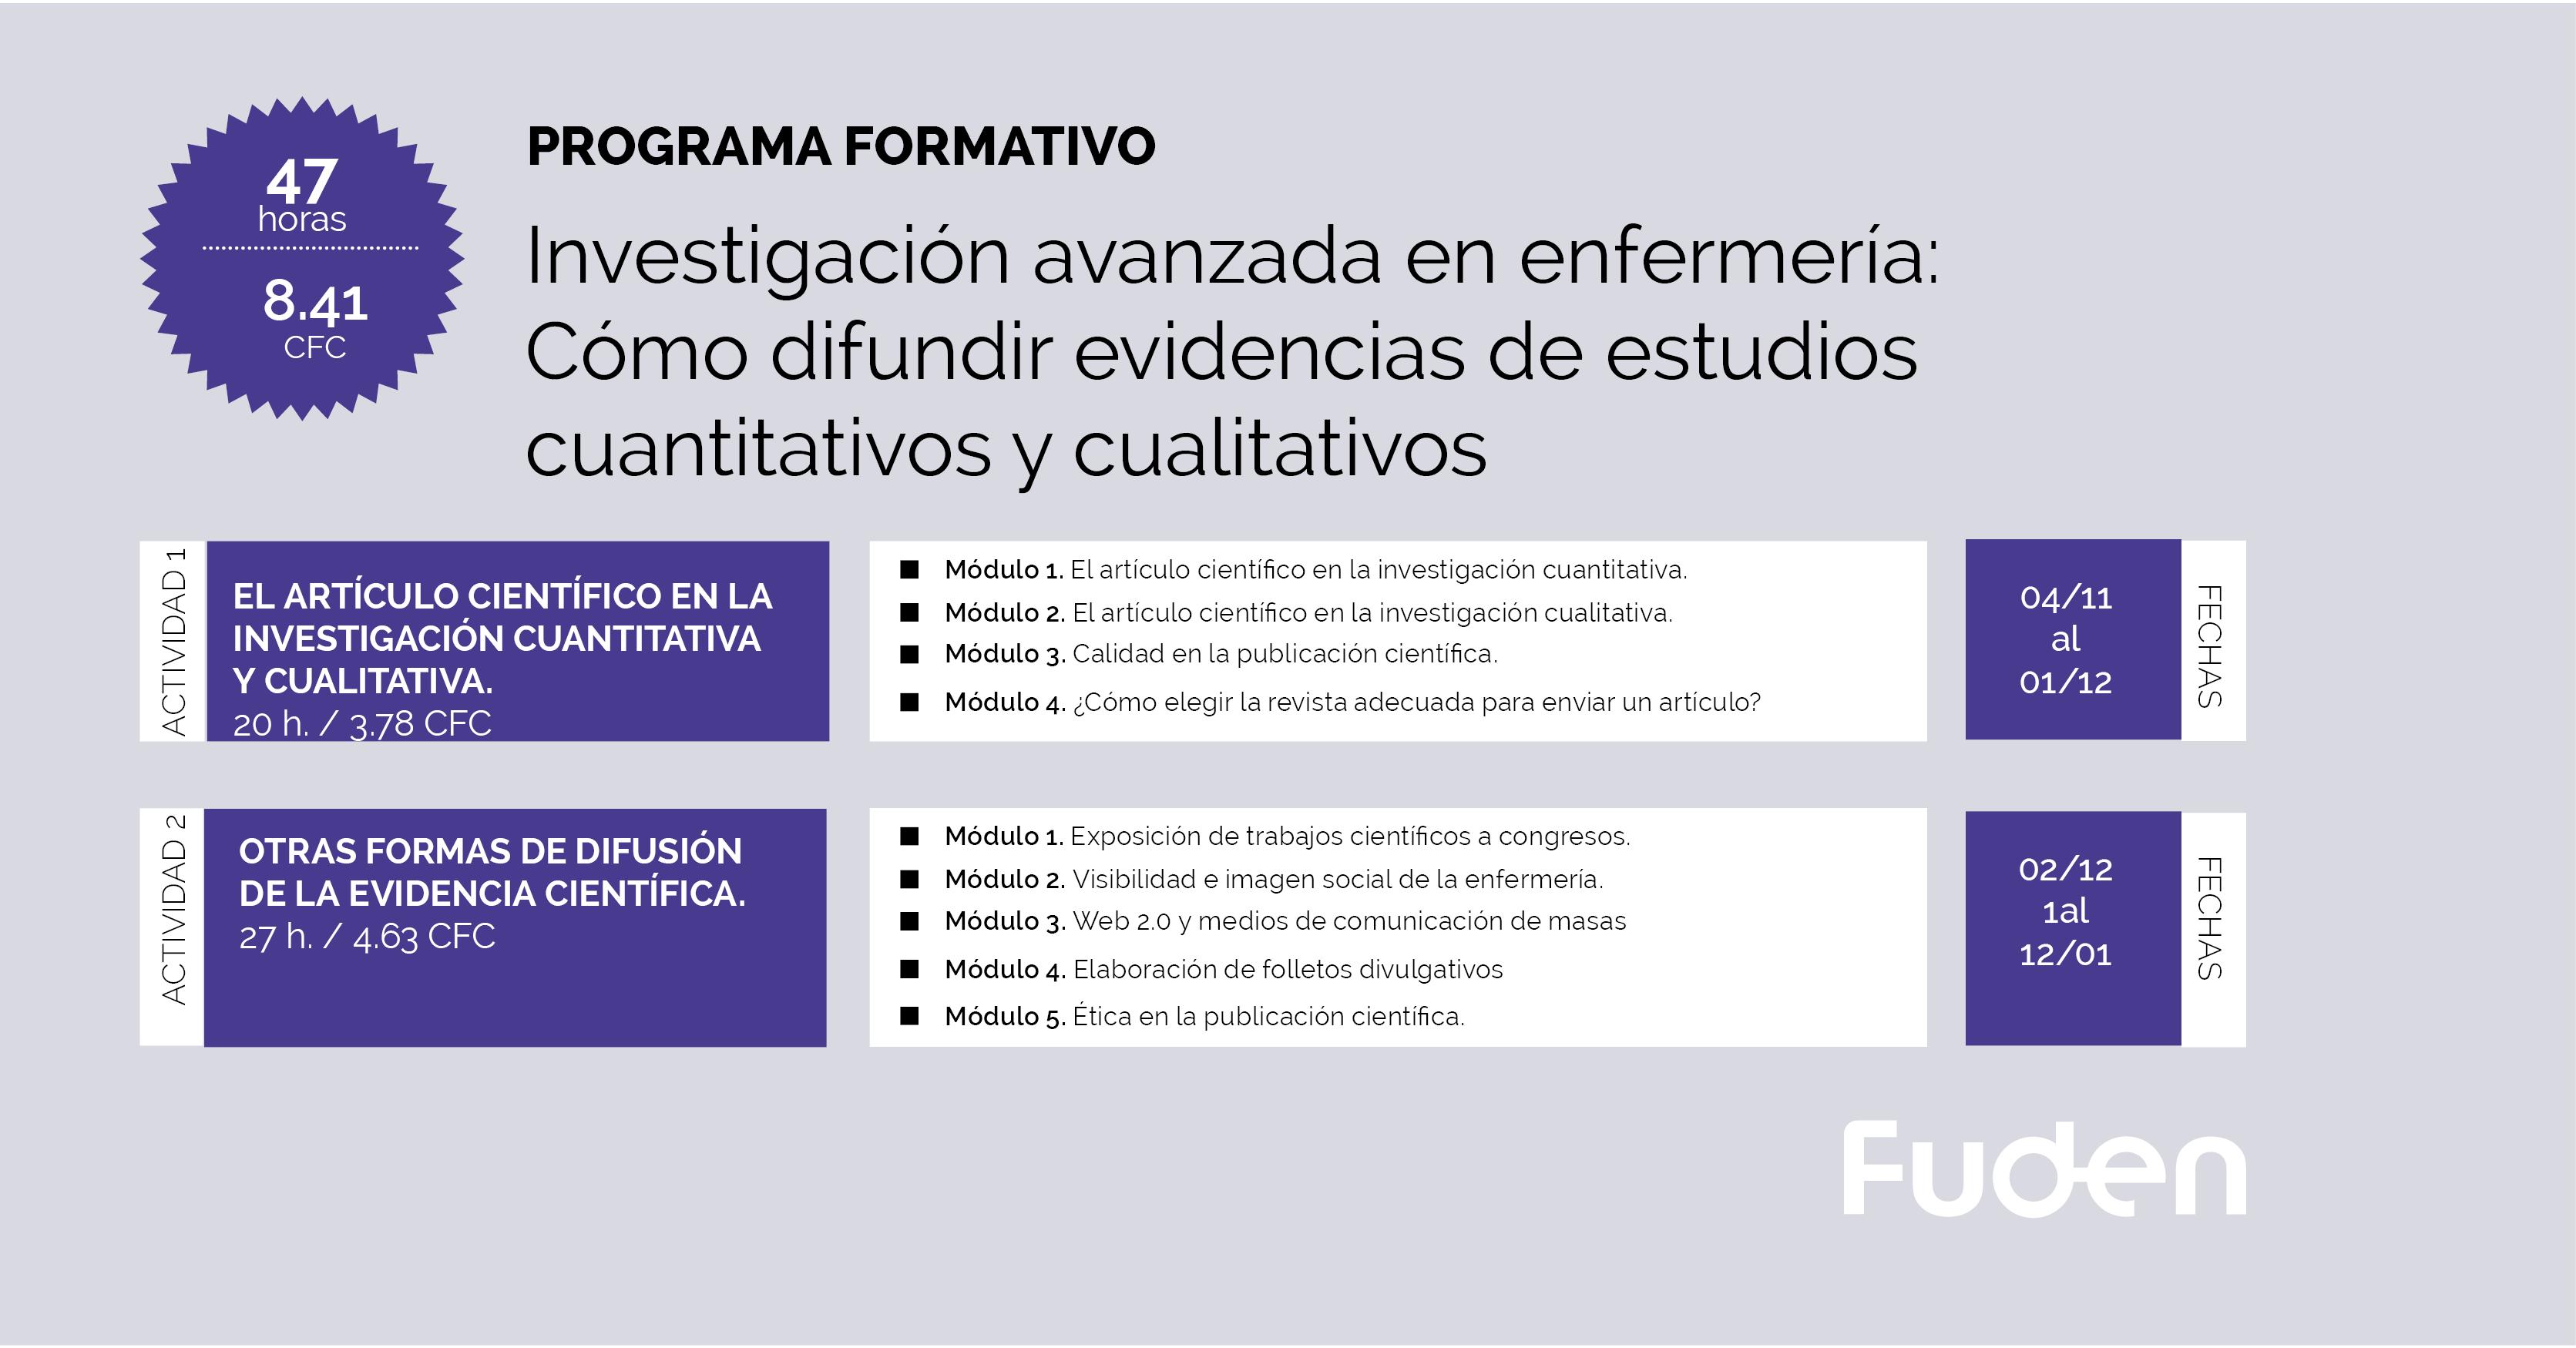 19/20 Programa ACSA: Investigación avanzada en enfermería: Cómo difundir evidencias de estudios cuantitativos y cualitativos.